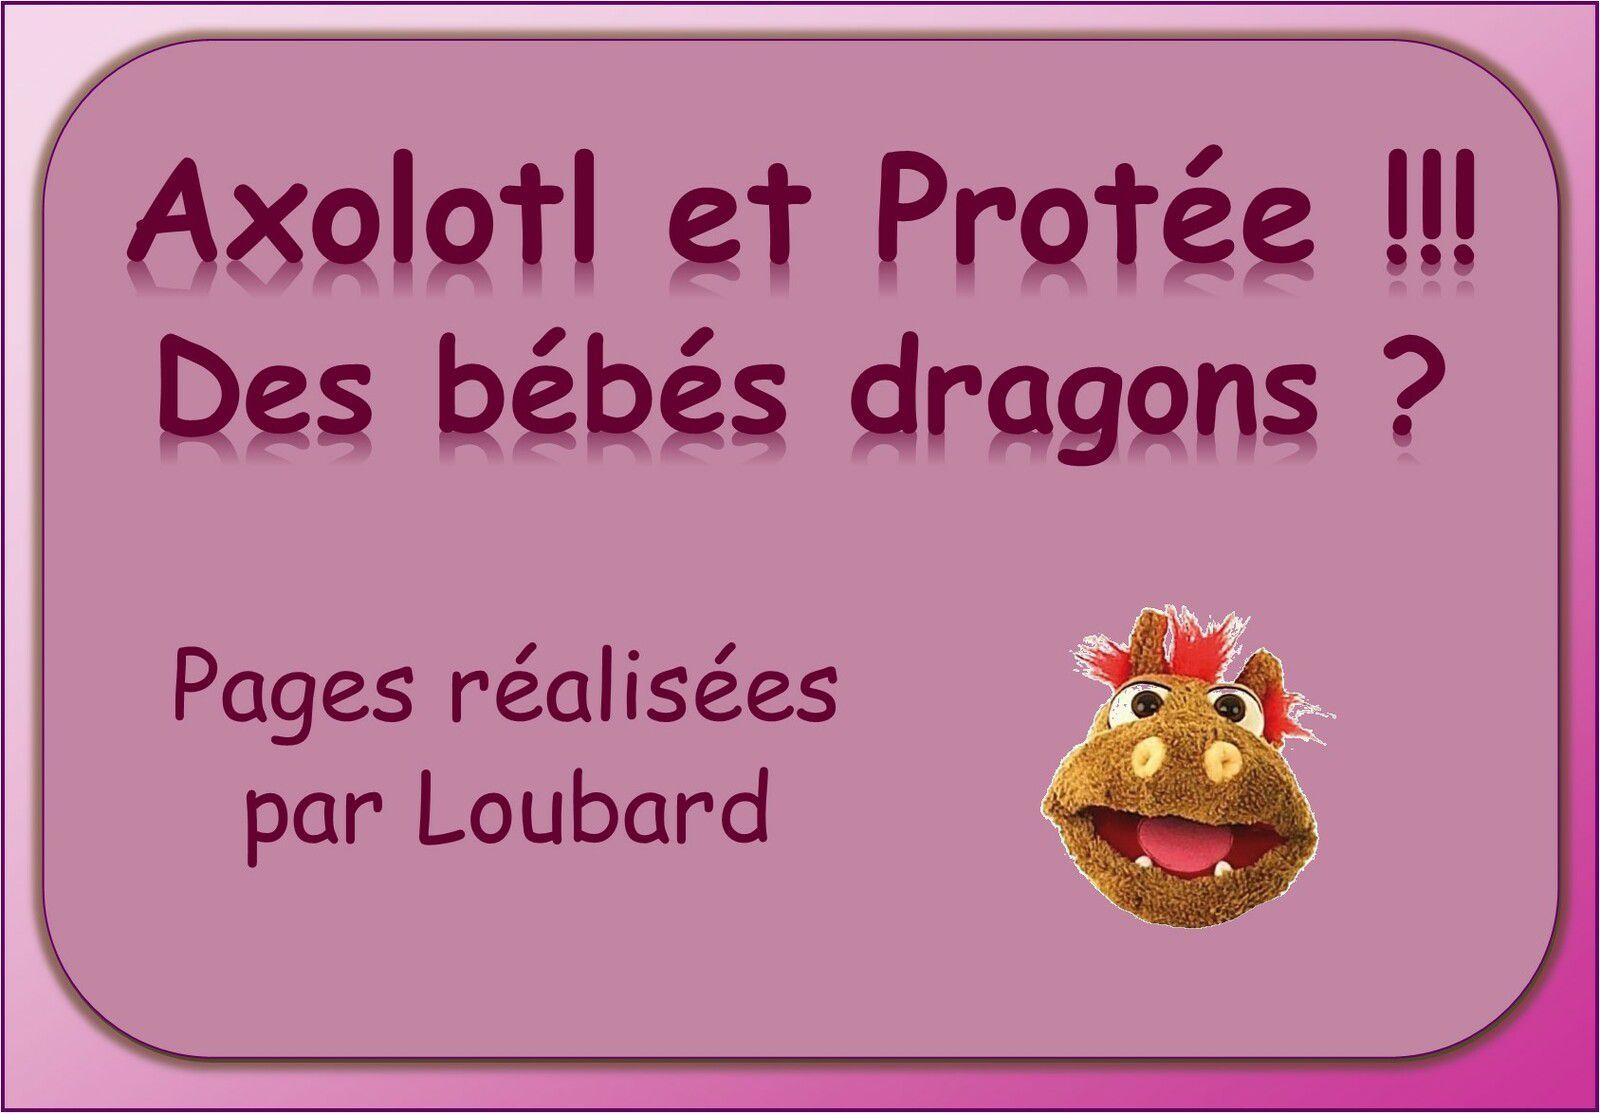 AXOLTL ET PROTEE !! DES BEBES DRAGONS ?